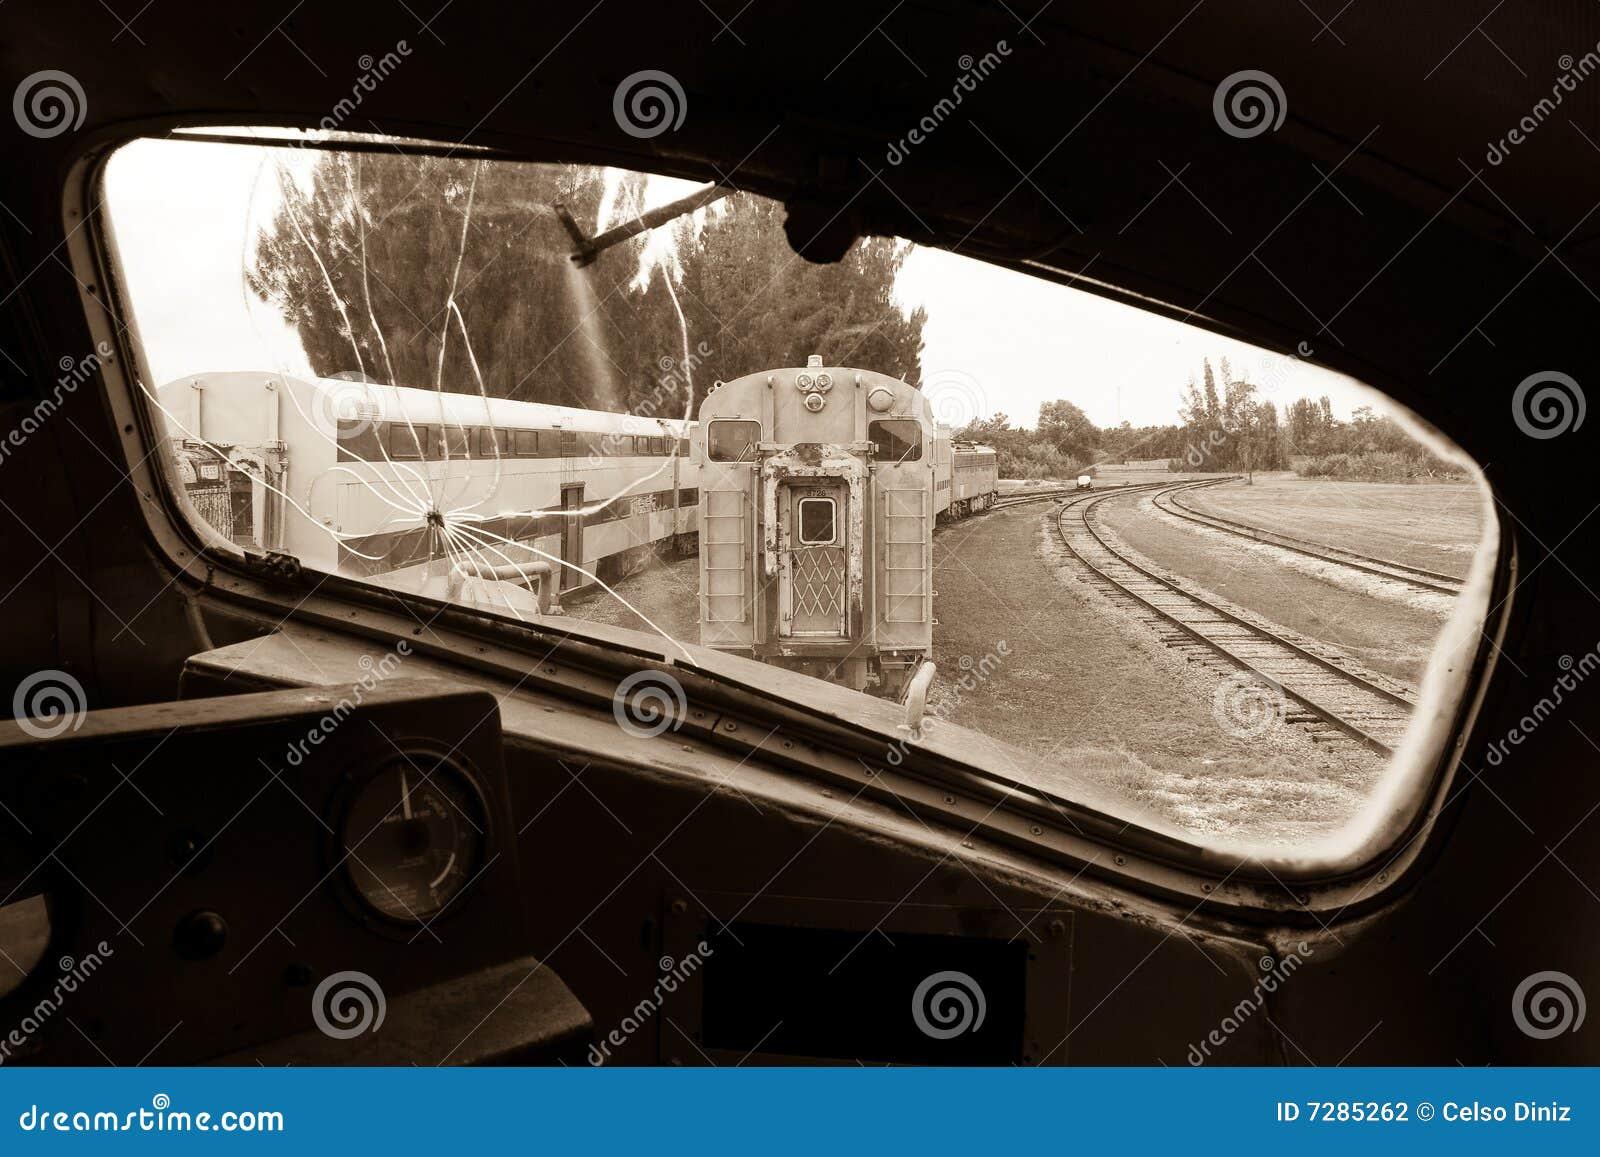 Ferrocarril visto de la locomotora vieja